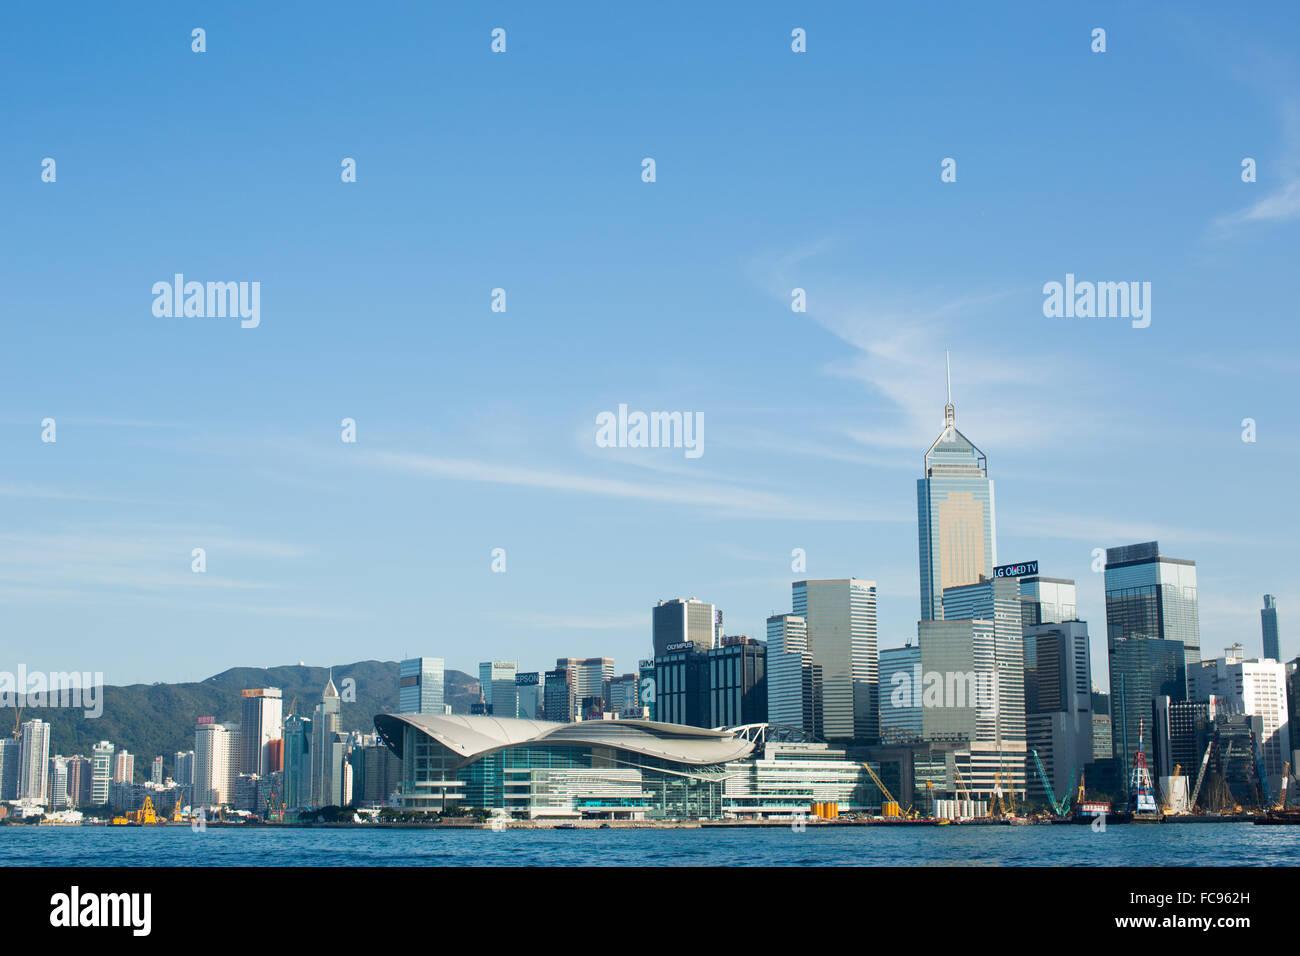 Hong Kong skyline taken from Kowloon, Hong Kong, China, Asia - Stock Image